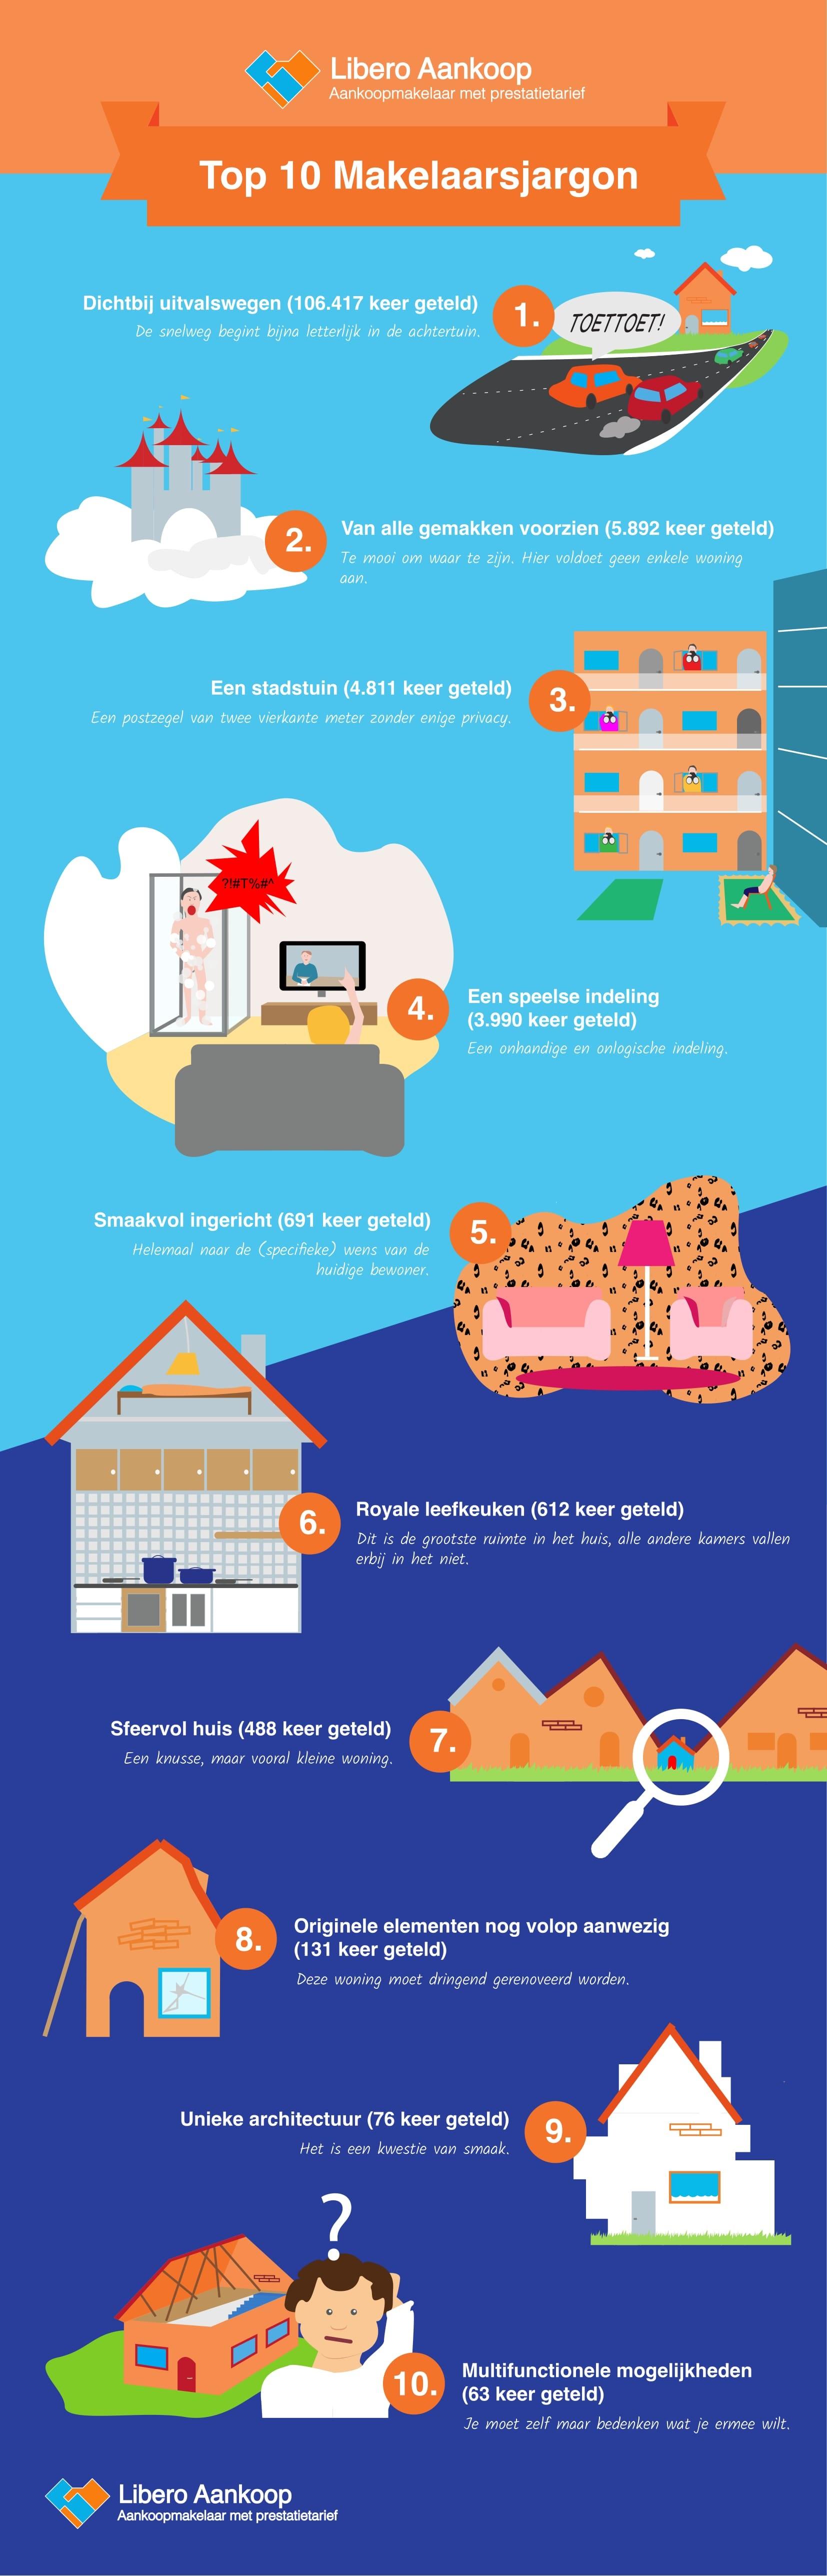 Infographic met Top 10 Makelaarstaal